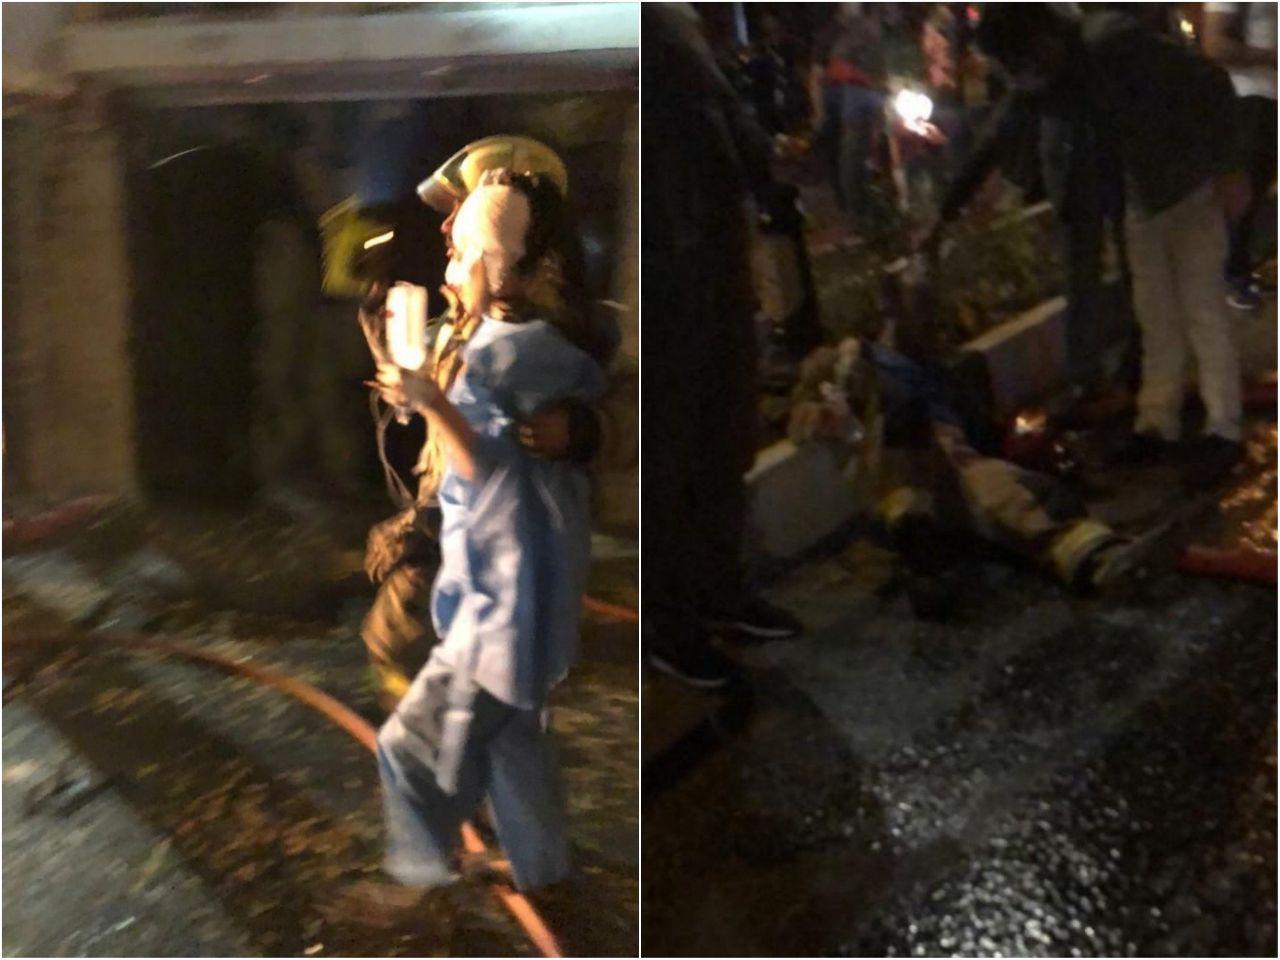 آتش سوزی در درمانگاه سینا اطهر در خیابان شریعتی/مصدومیت ۳ نفر/اعزام ۵ دستگاه آمبولانس به محل حادثه